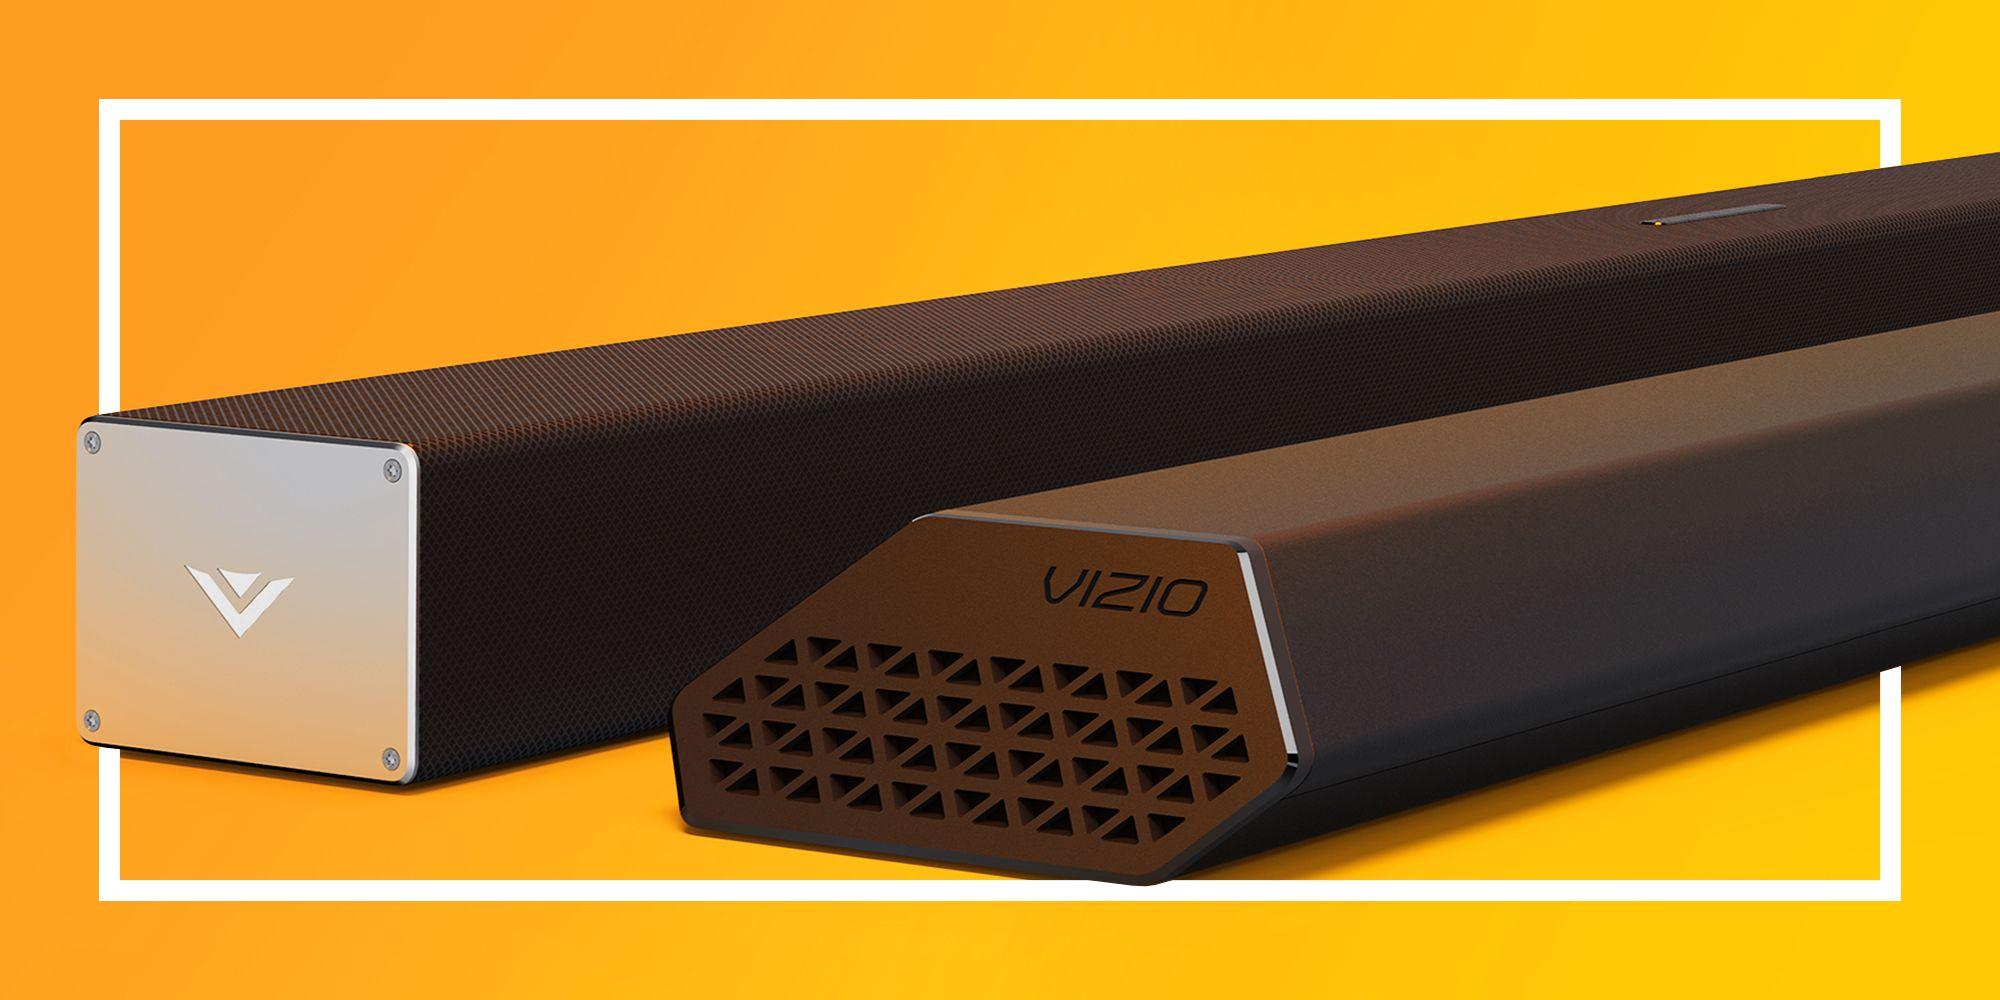 7 Best Wireless Soundbars for Your TV - Wireless Sound Bar